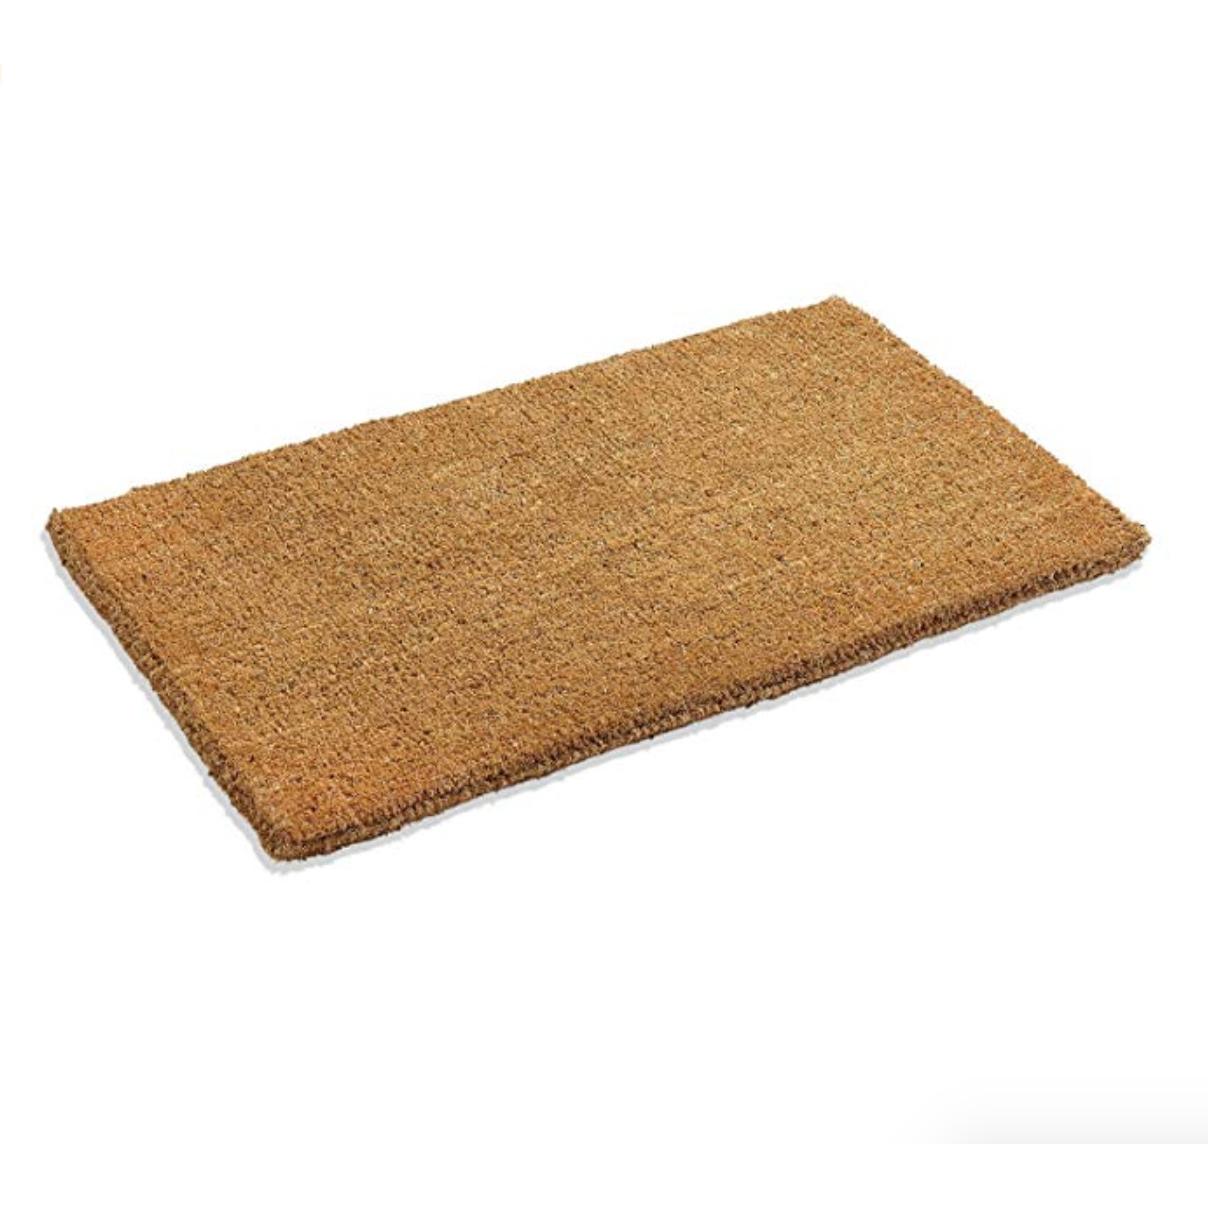 Coconut fiber doormat